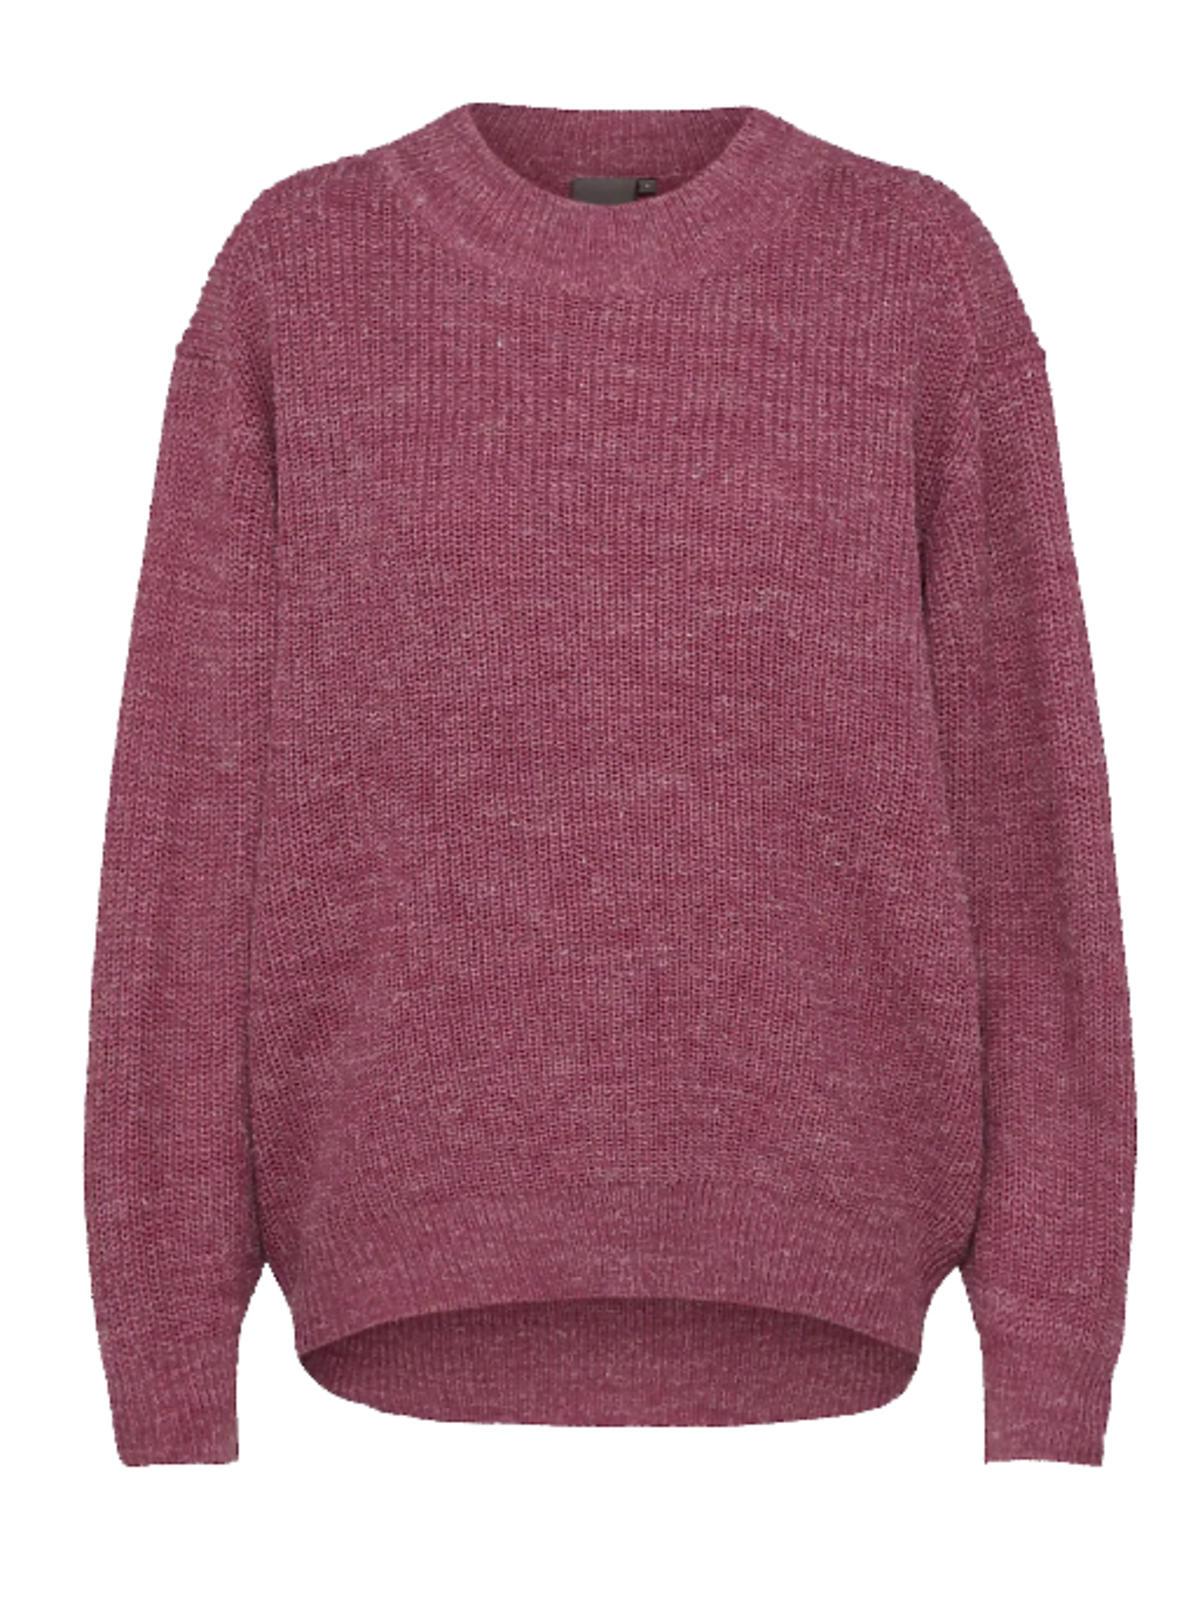 Sweter ICHI 146, 60 zł